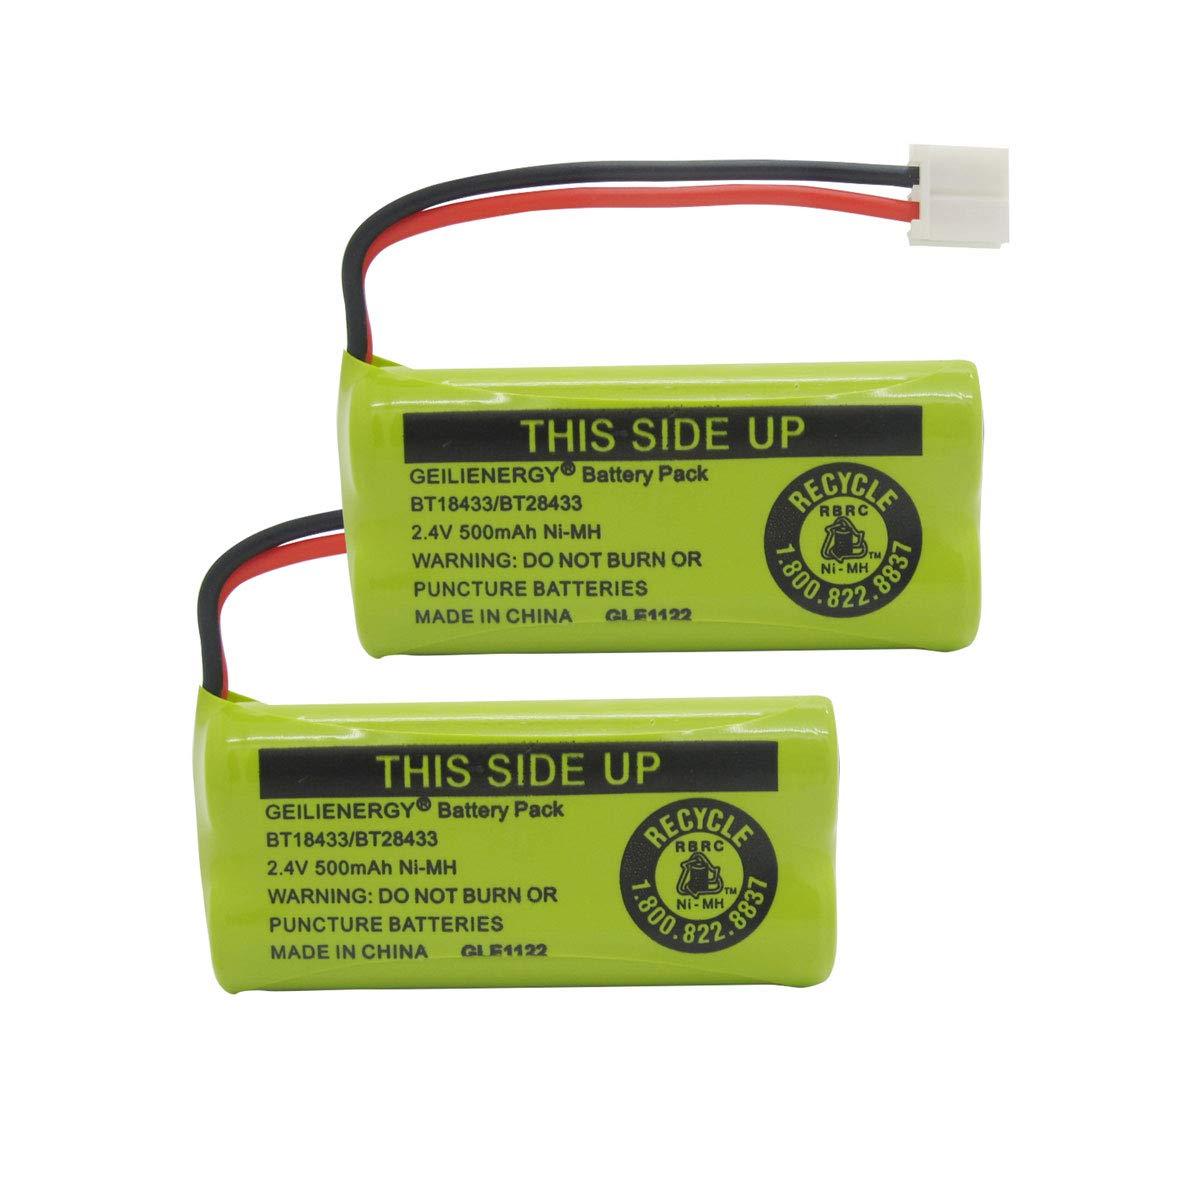 Geilienergy Rechargeable Battery Compatible with AT&T and Vtech Phones BT-8300 / BATT-6010 / BT18433 / BT184342 / BT28433 / BT284342 / 89-1326-00-00/89-1330-01-00 / CPH-515D/ bt-1011(Pack of 2)